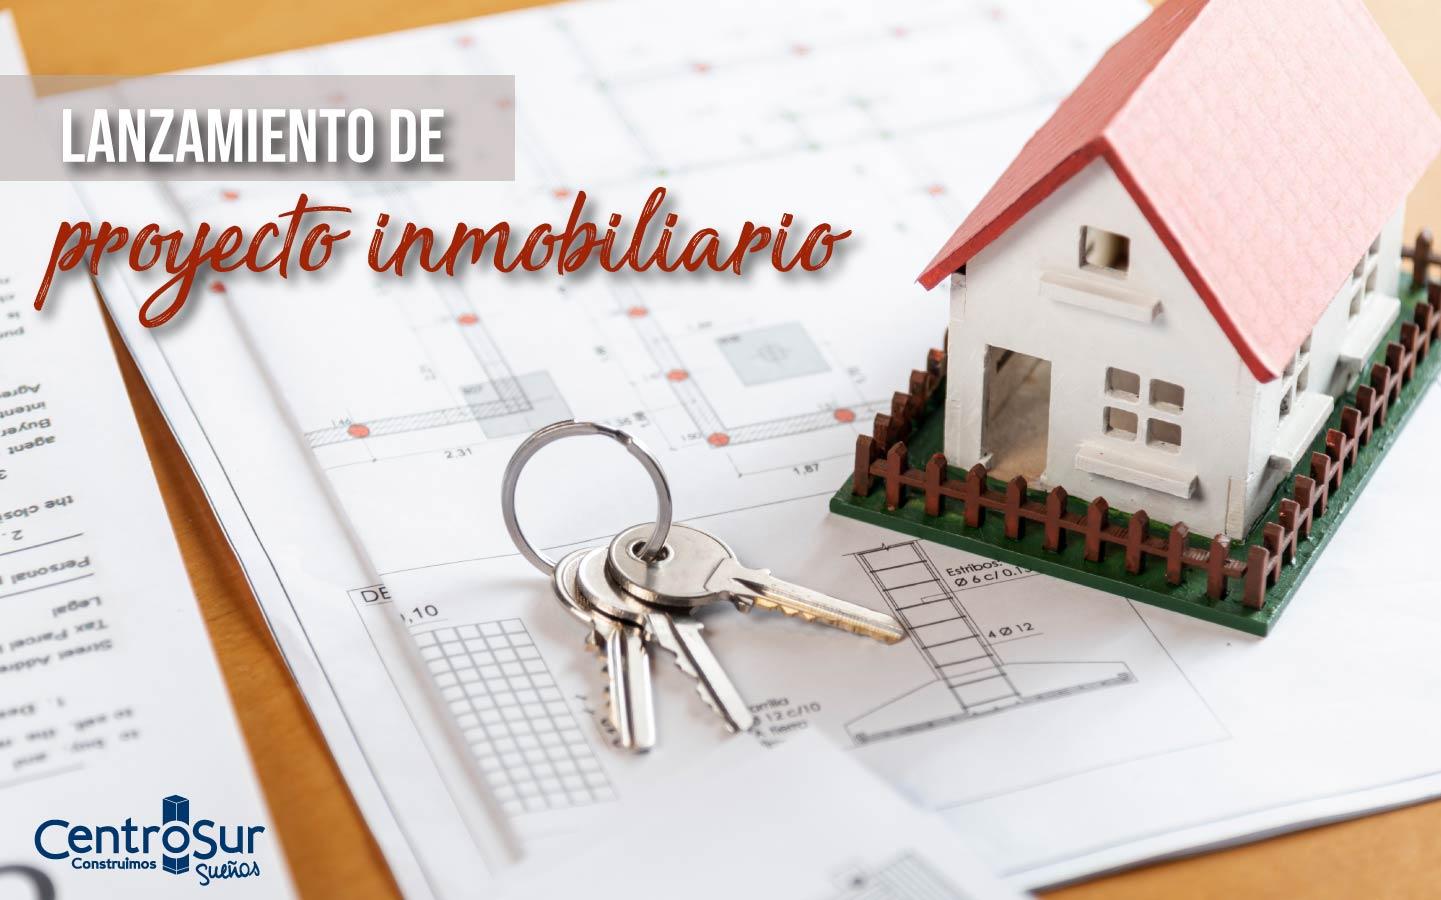 Lanzamiento de un proyecto inmobiliario: qué es y beneficios que ofrece